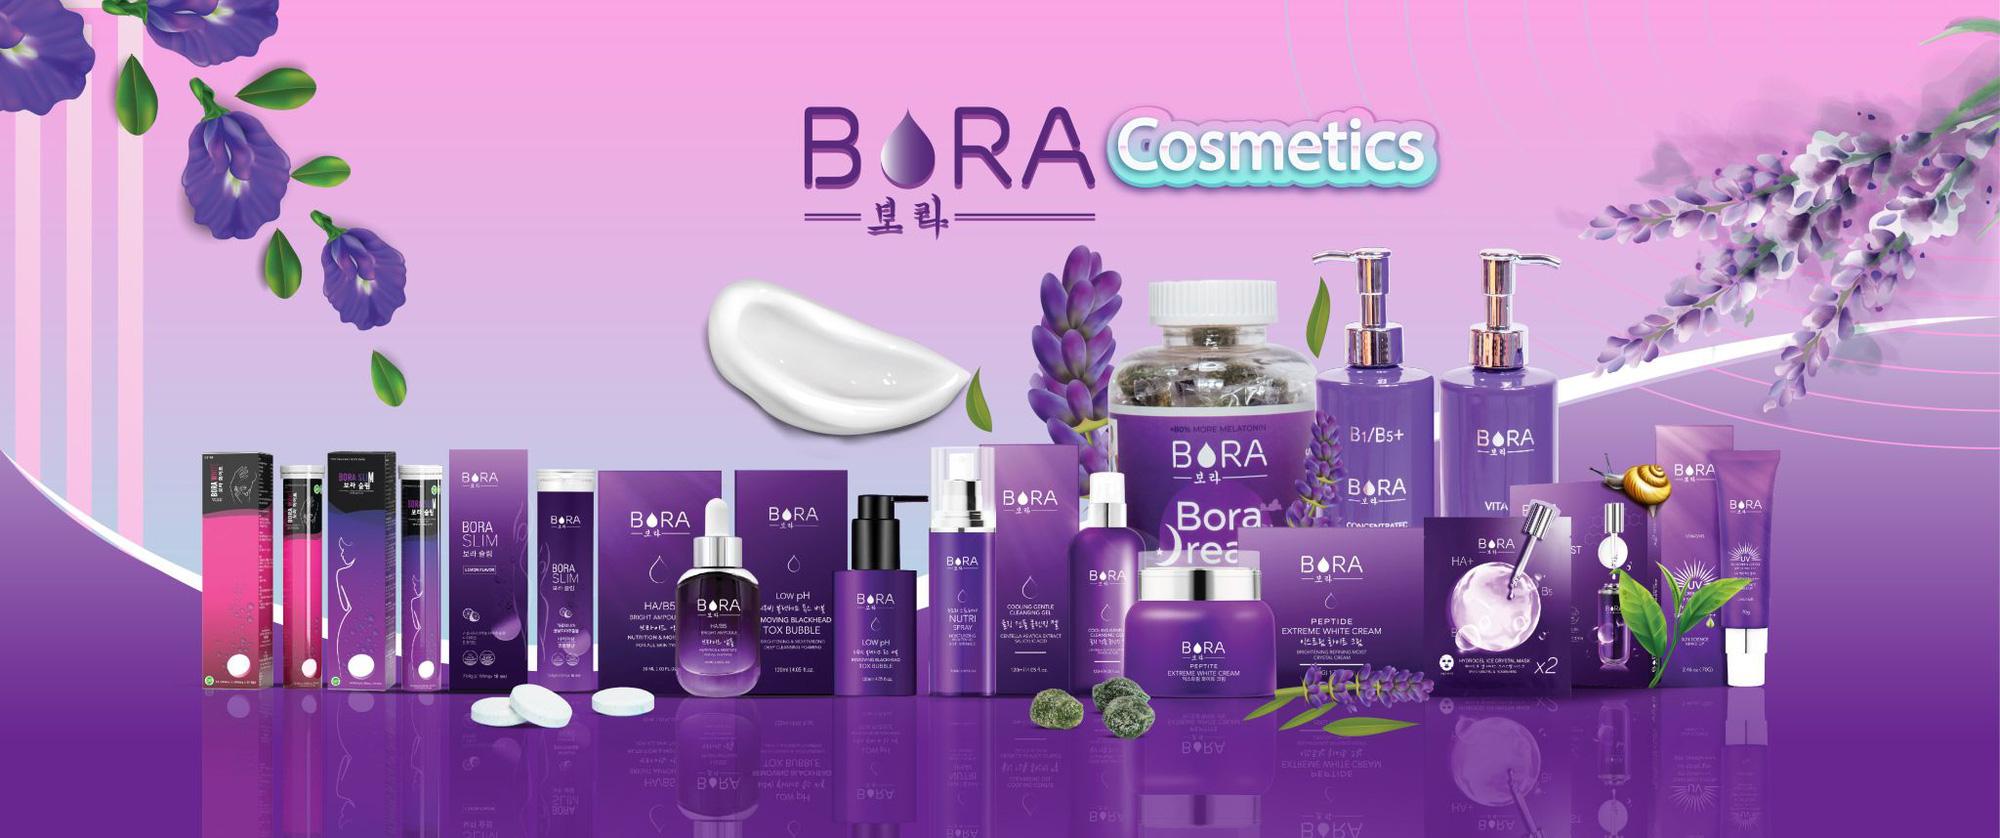 Bora Cosmetics - Khẳng định thương hiệu bằng chất lượng và hiệu quả của sản phẩm - Ảnh 1.